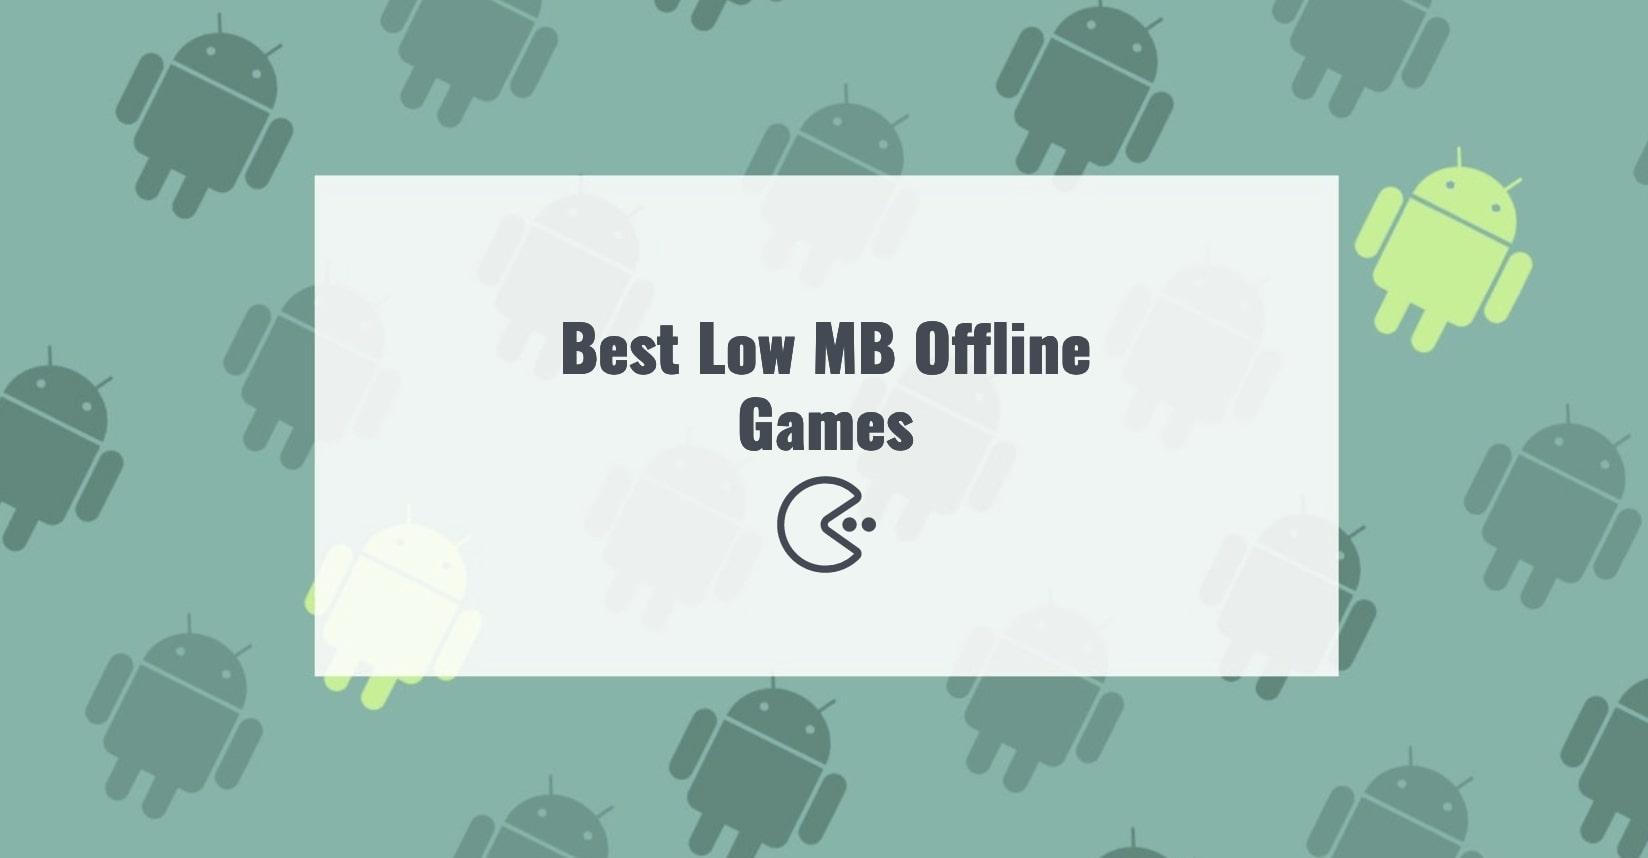 Best Low MB Offline Games